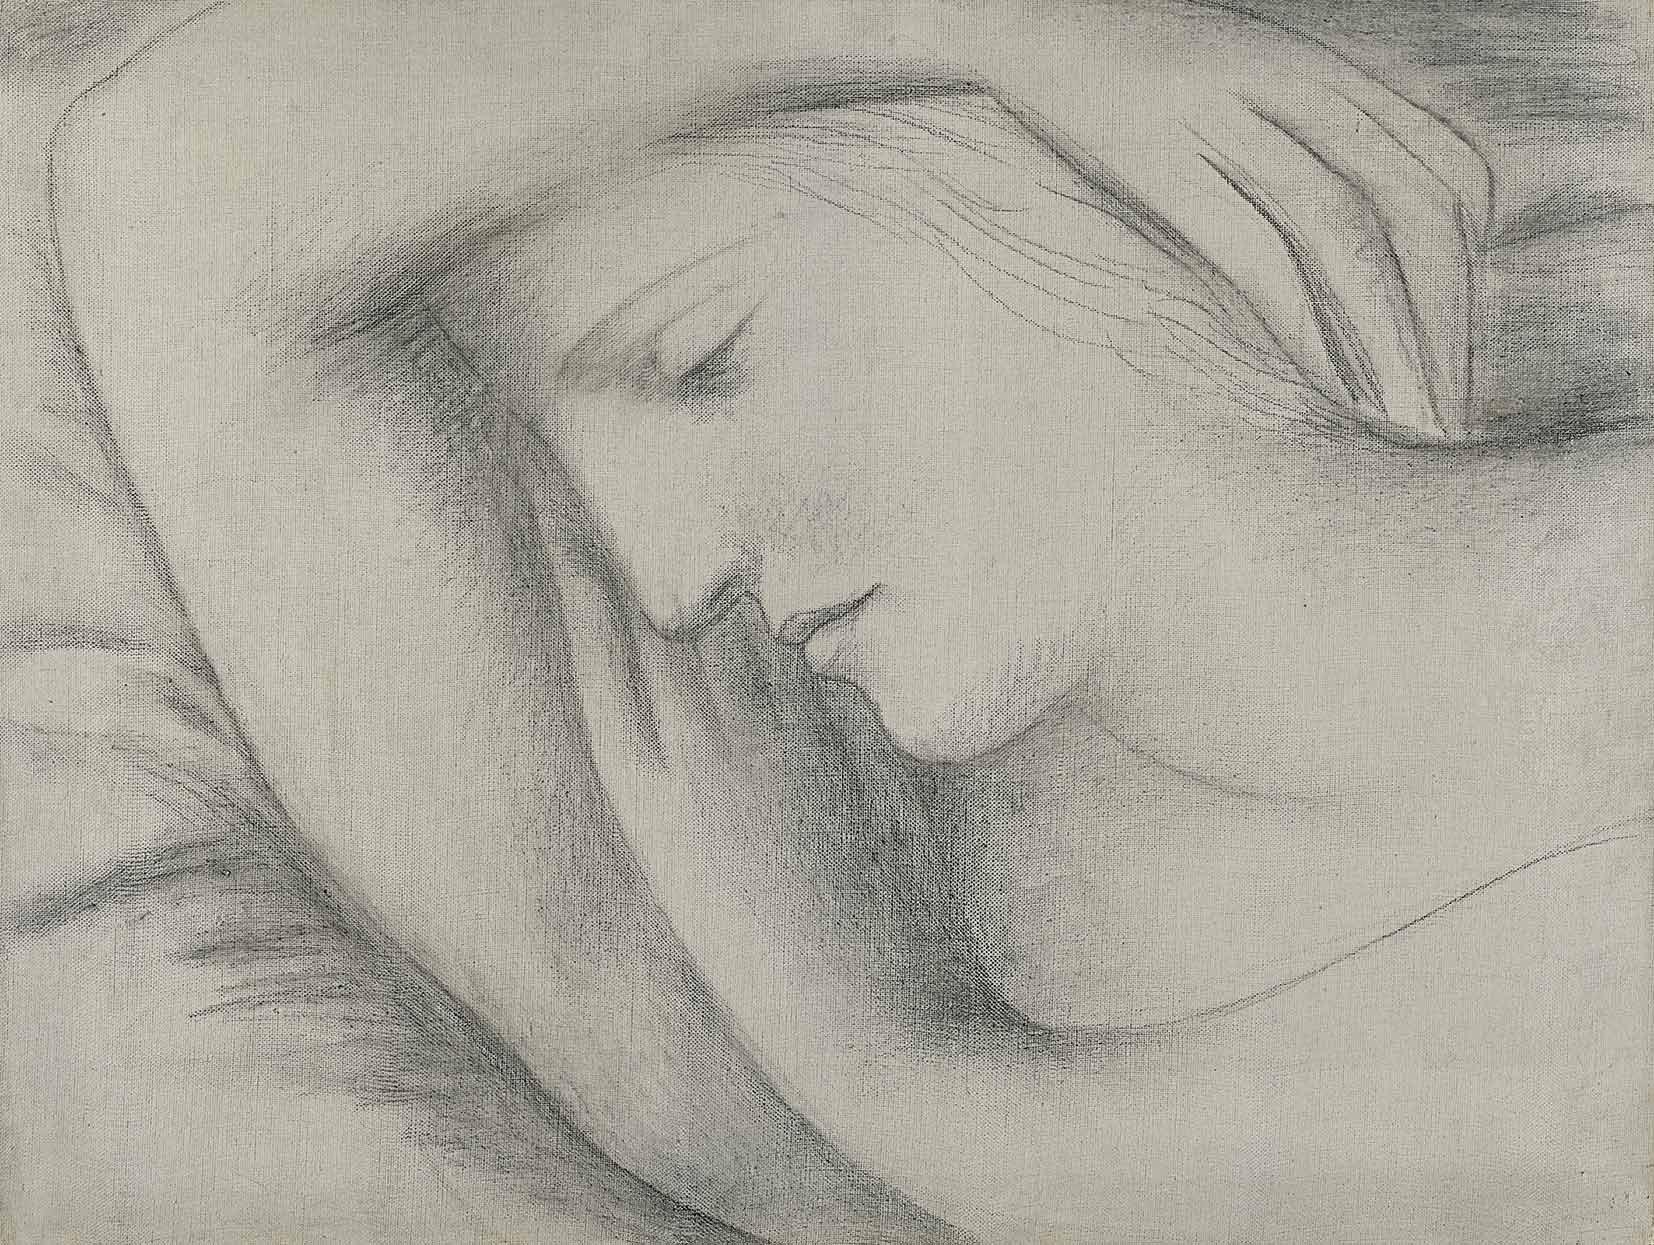 Lot-14-Pablo-Picasso-Femme-endormie-est.jpg